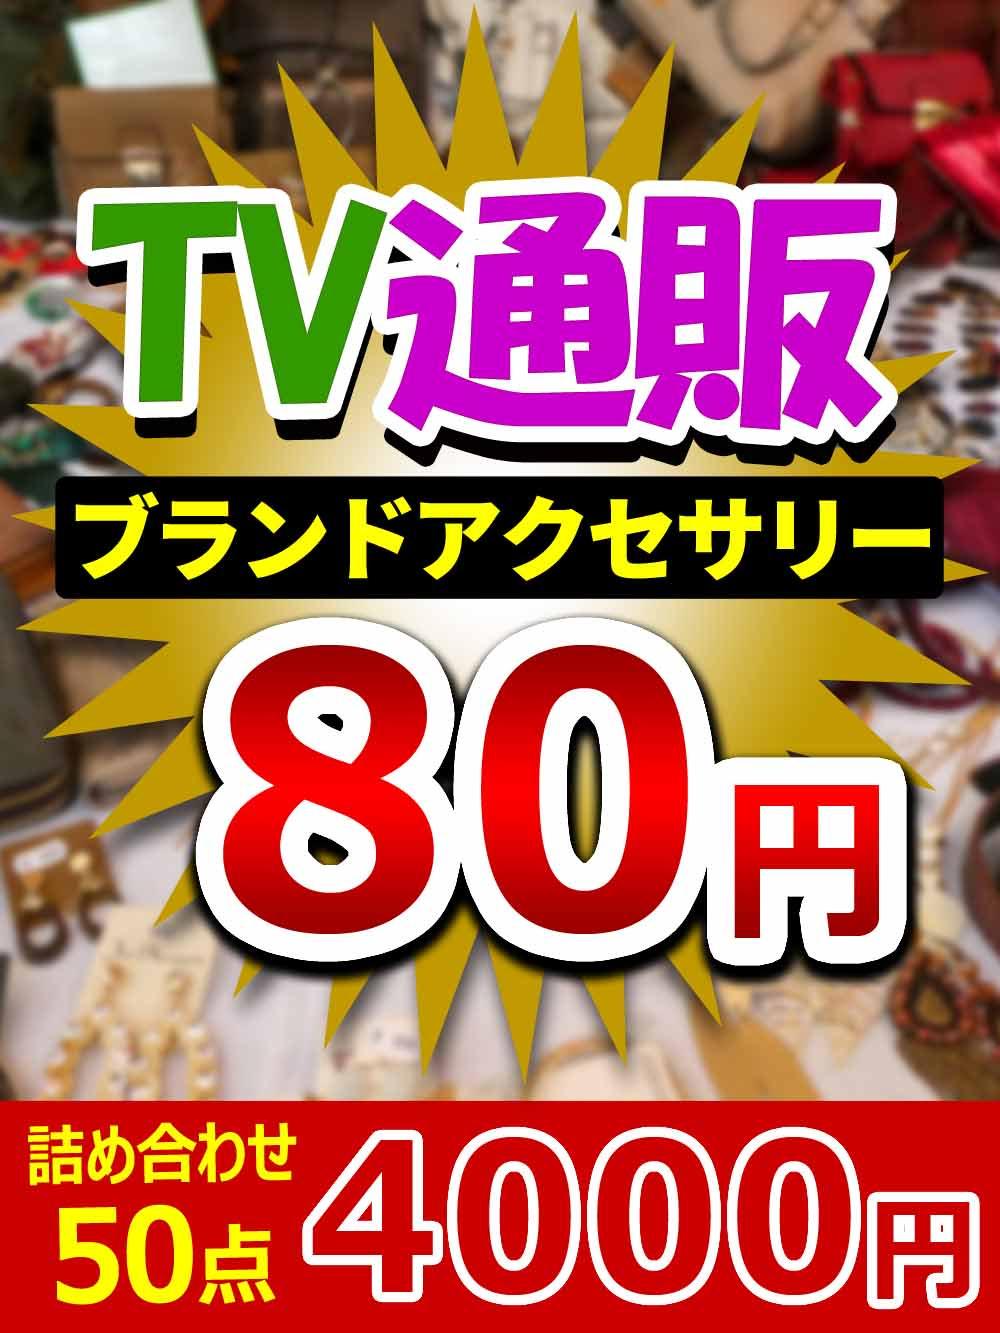 【テレビ通販ブランドアクセサリー80円】詰め合わせ【50点】